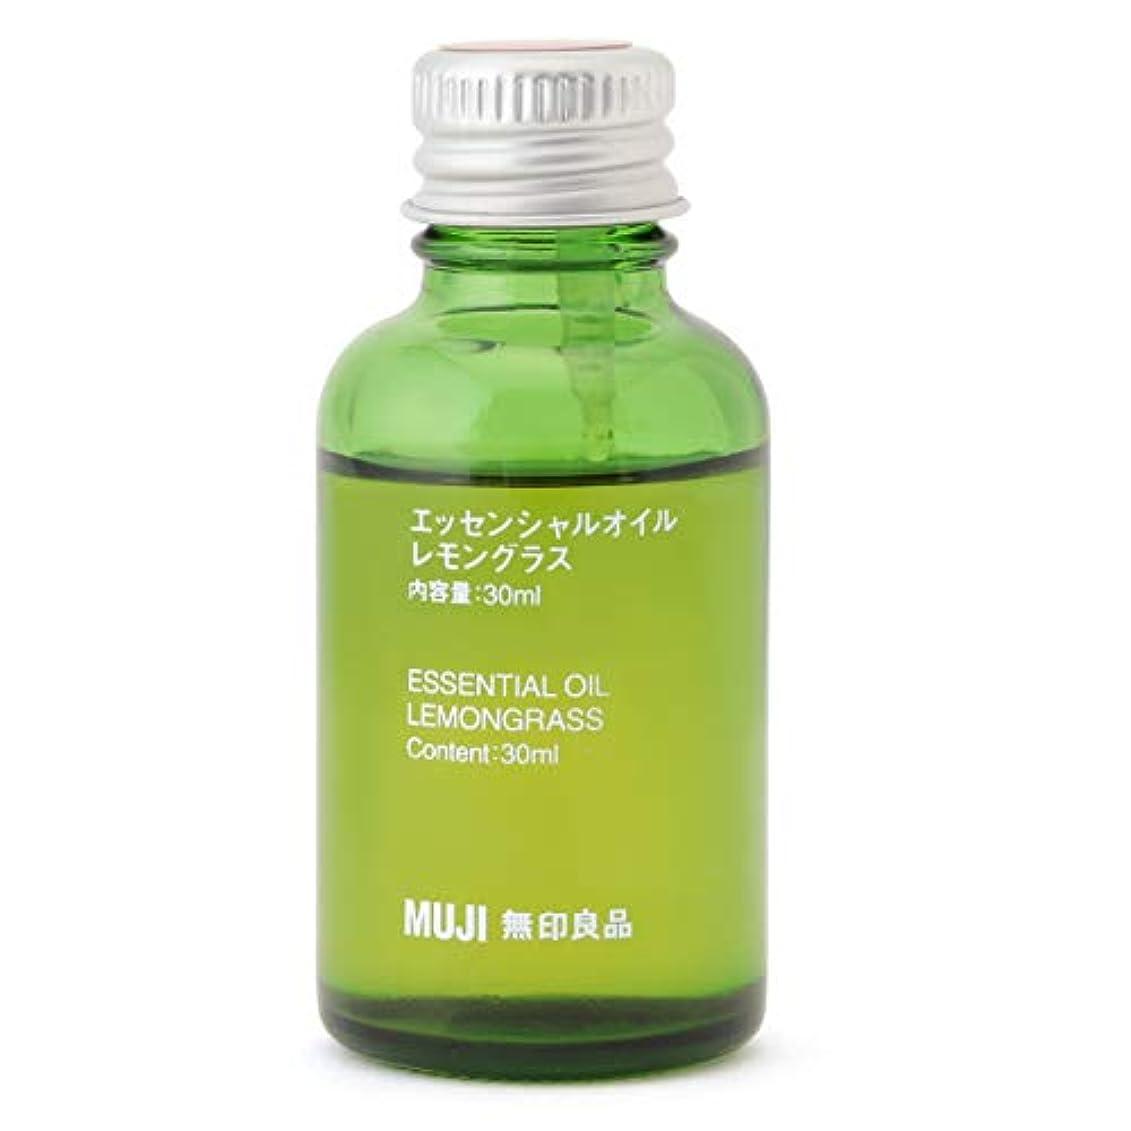 好み十論文【無印良品】エッセンシャルオイル30ml(レモングラス)